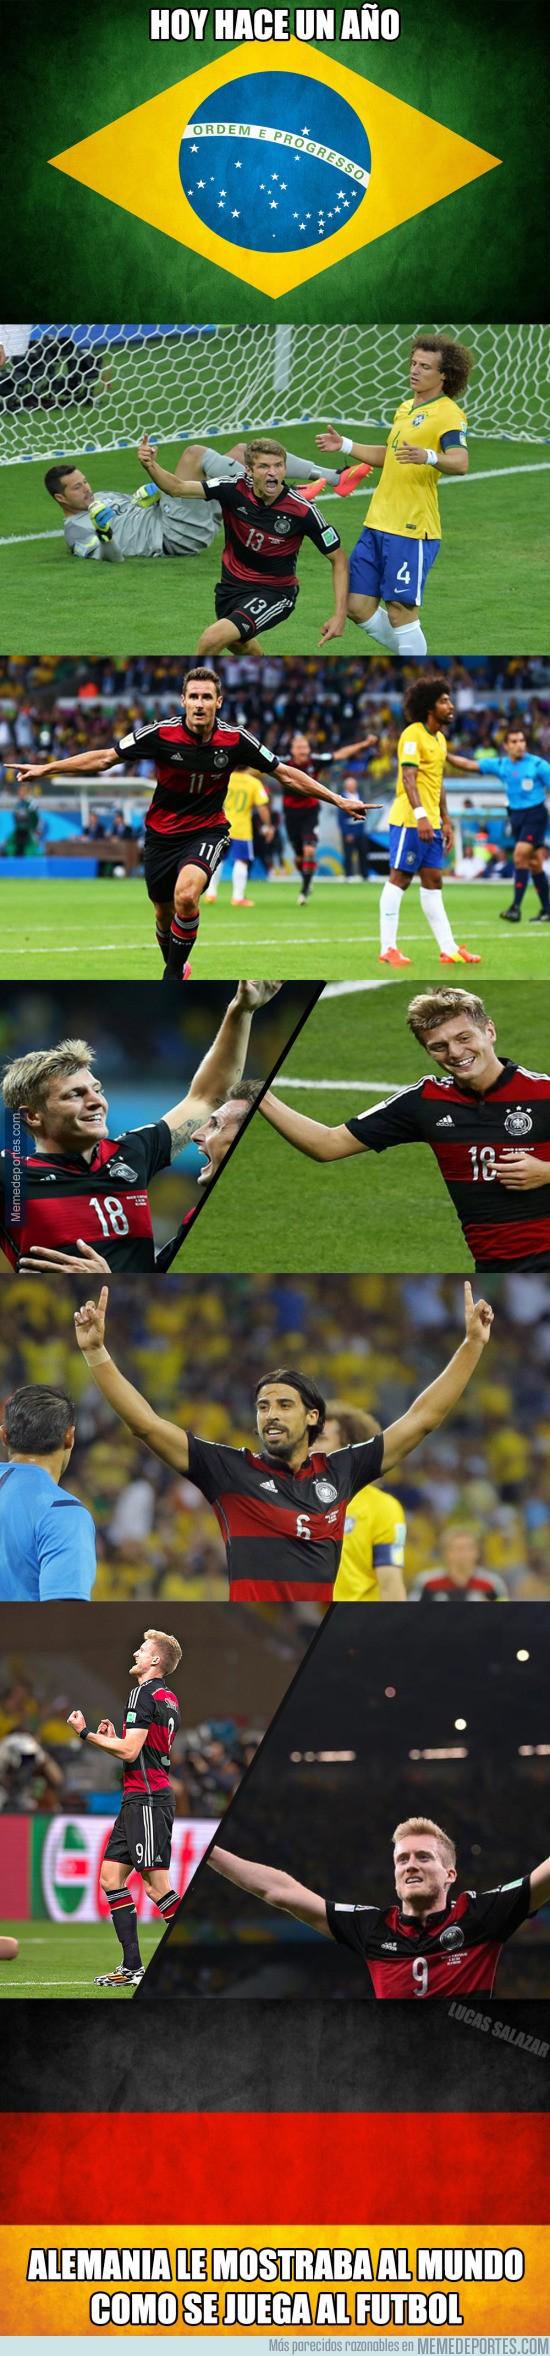 618745 - Se cumple un año del 'Mineirazo', Brasil 1-7 Alemania